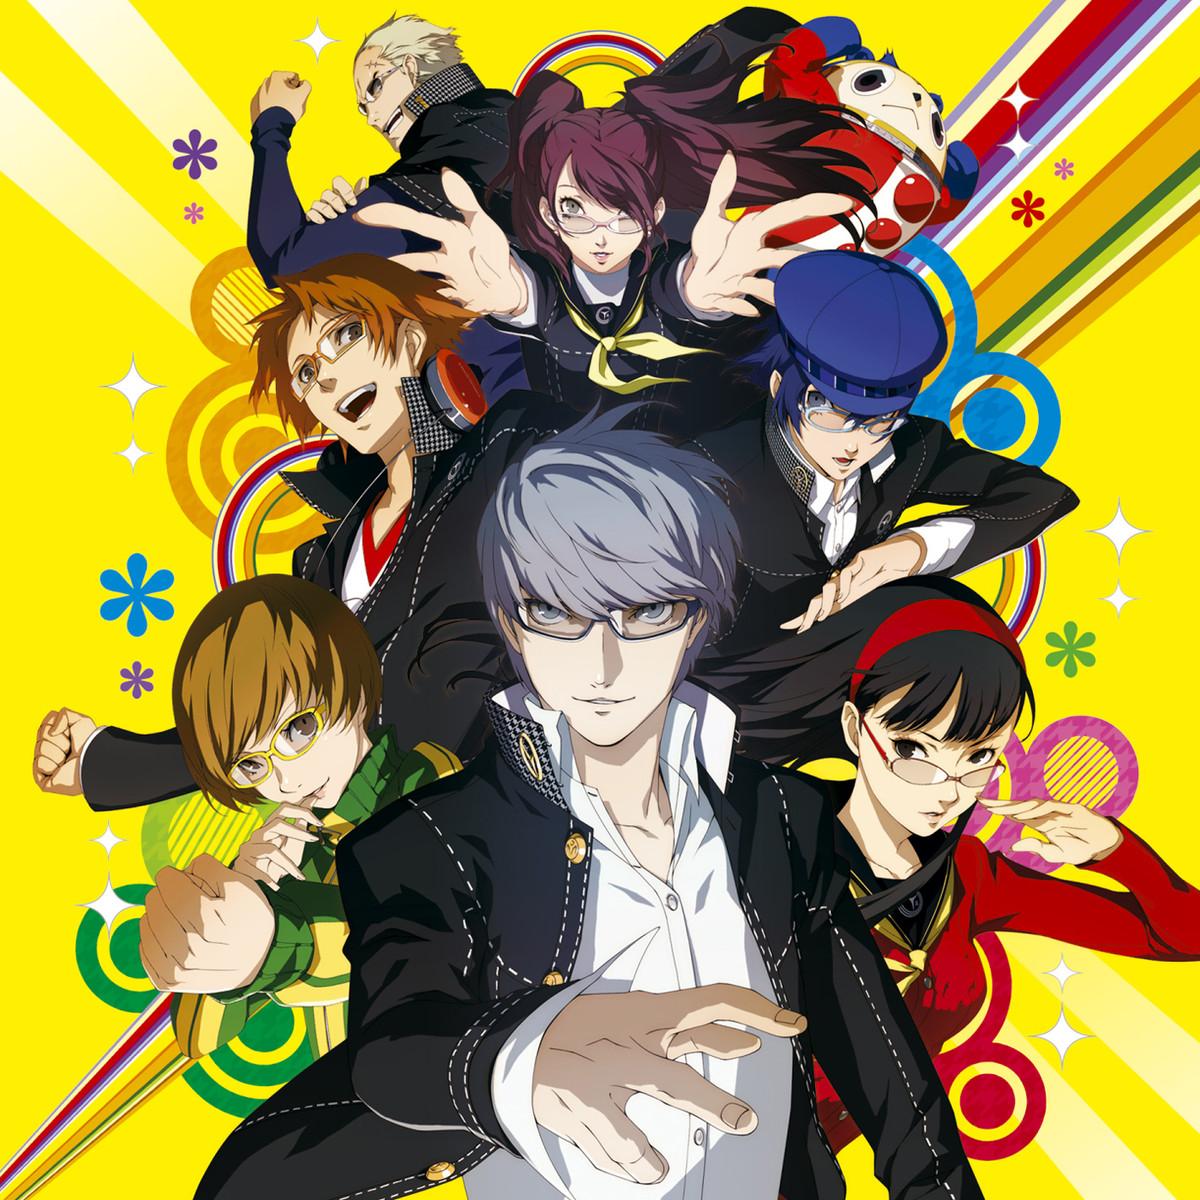 Persona 4 | Megami Tensei Wiki | Fandom